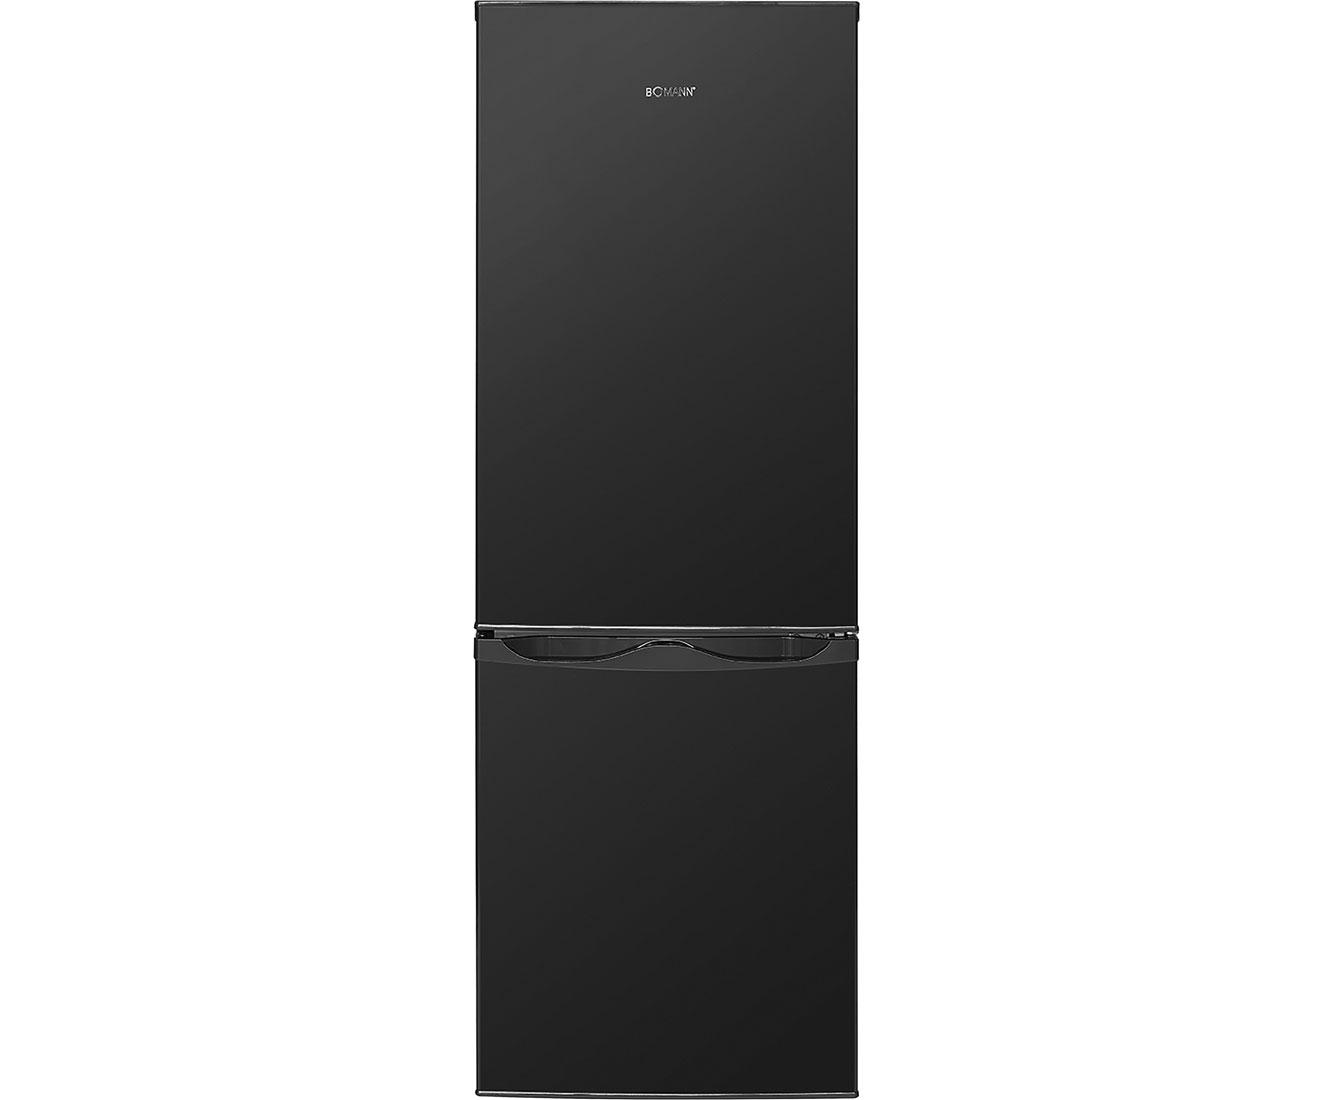 Bomann kg 322 kühl gefrierkombination schwarz a